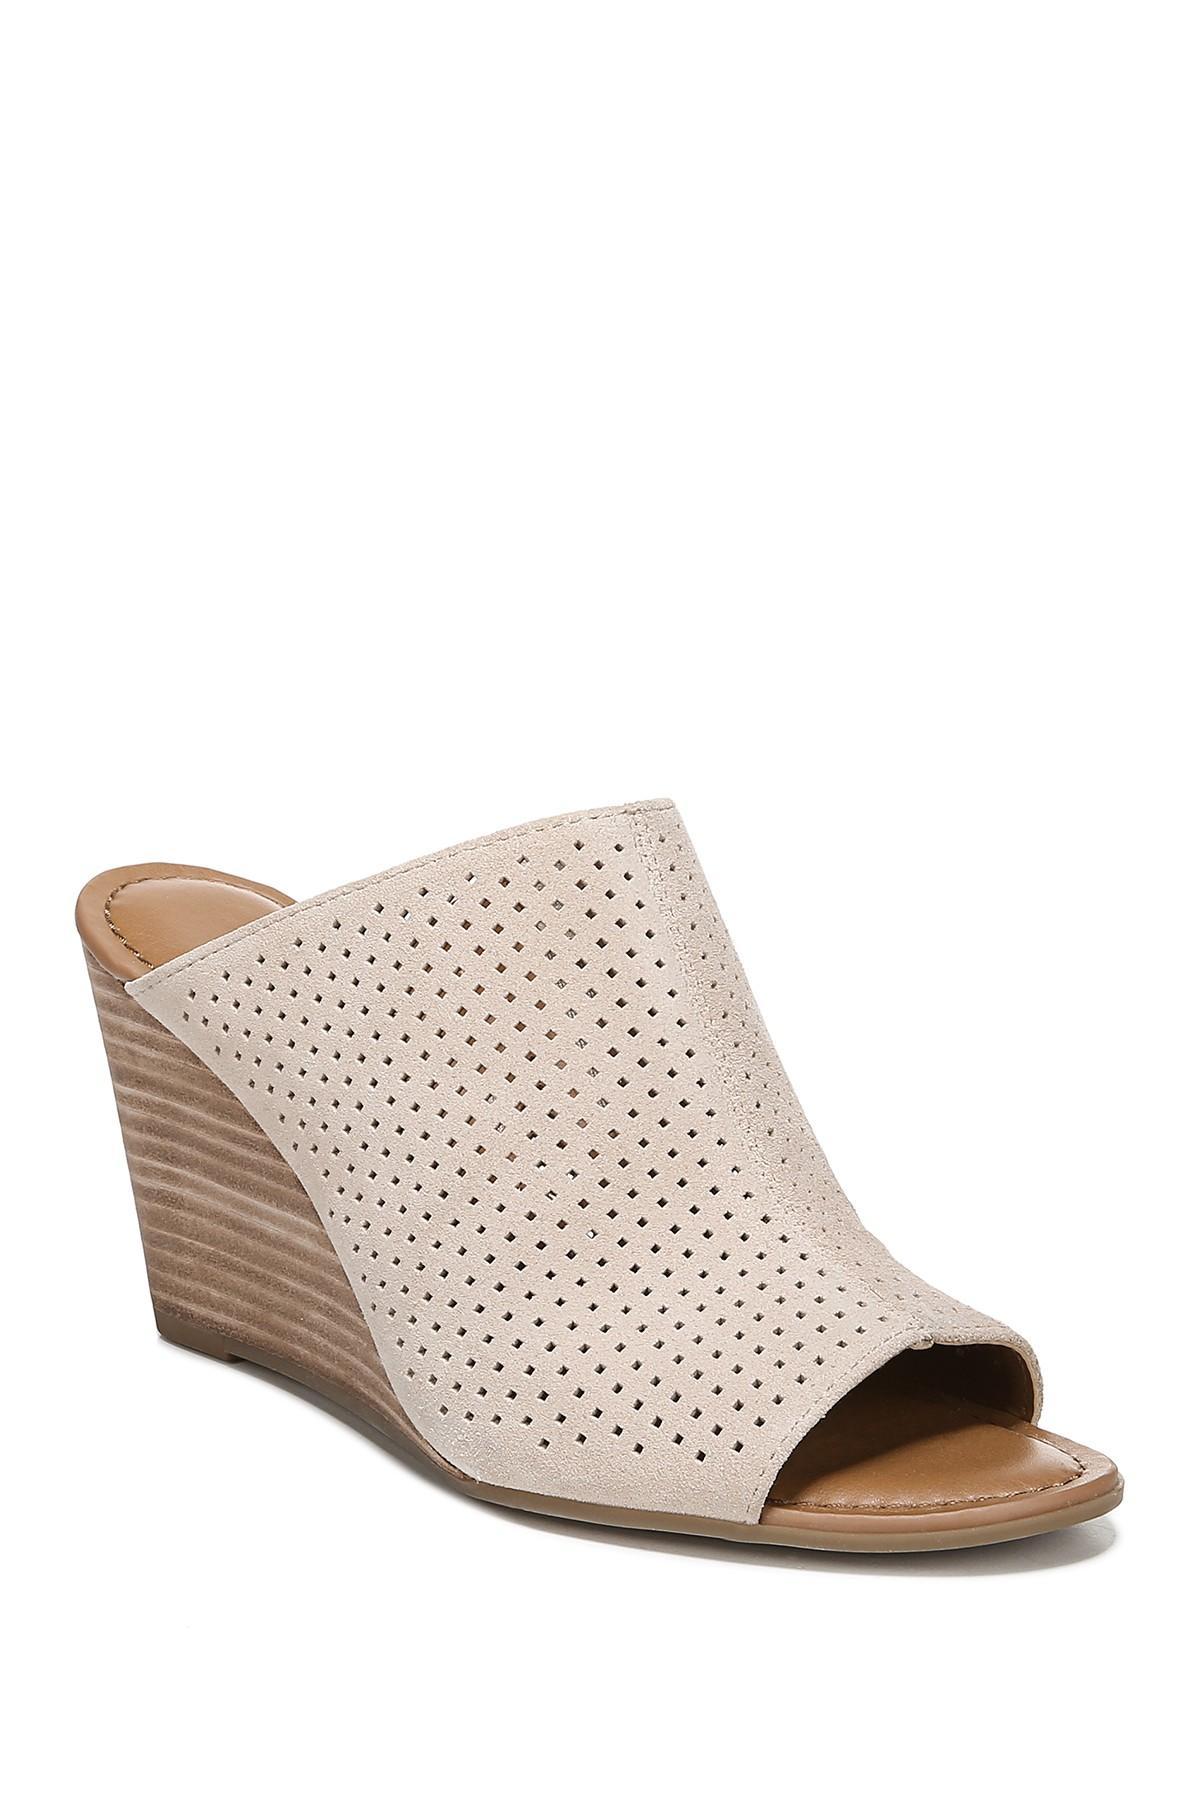 3441fe2ef0da Franco Sarto. Women s Yvette Stacked Wedge Sandal